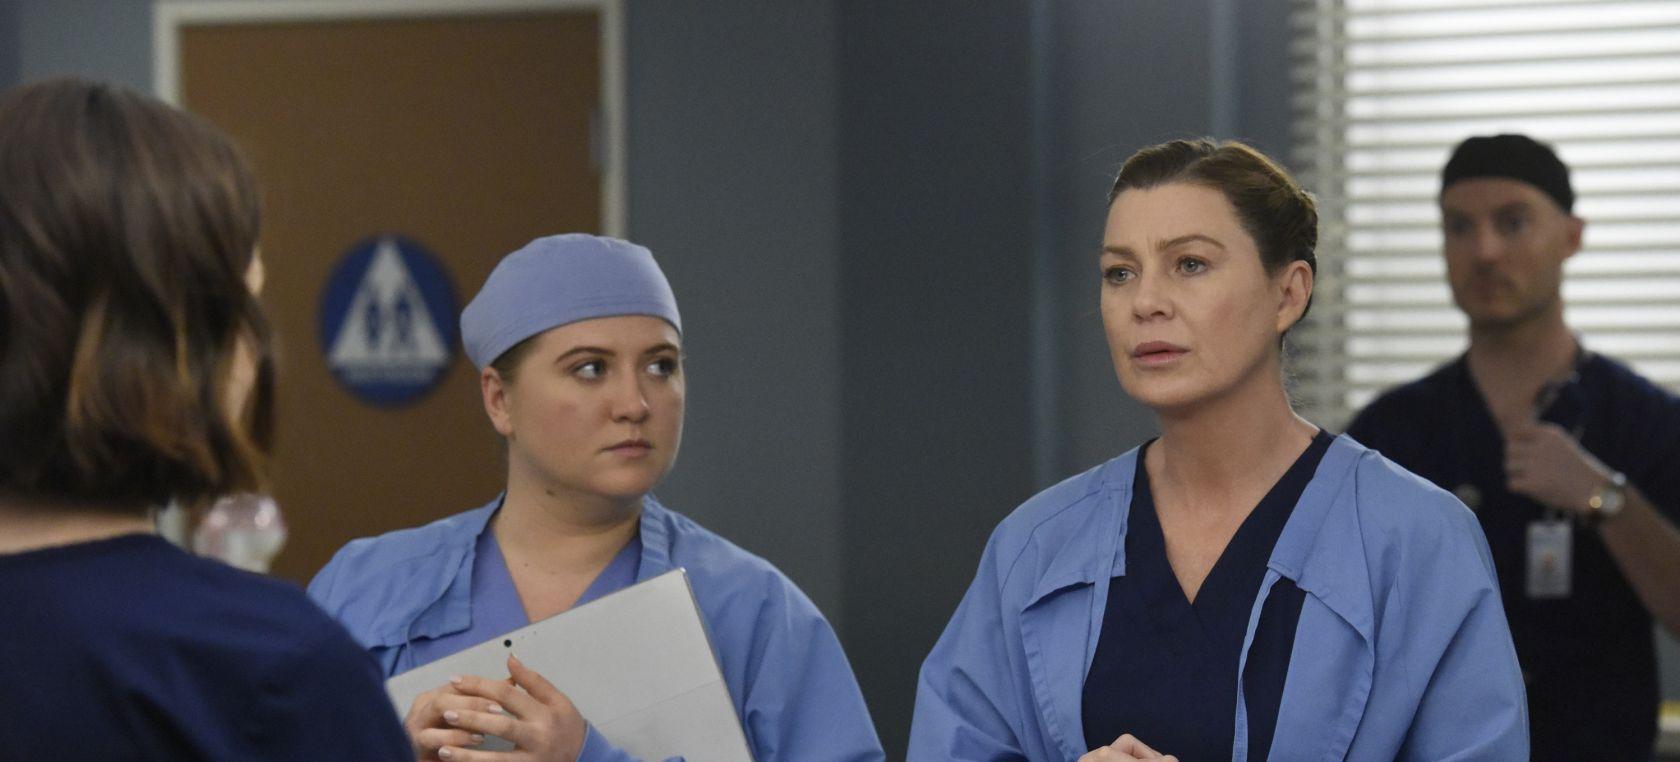 Llega la temporada 17 de 'Anatomía de Grey', ¿será la última?